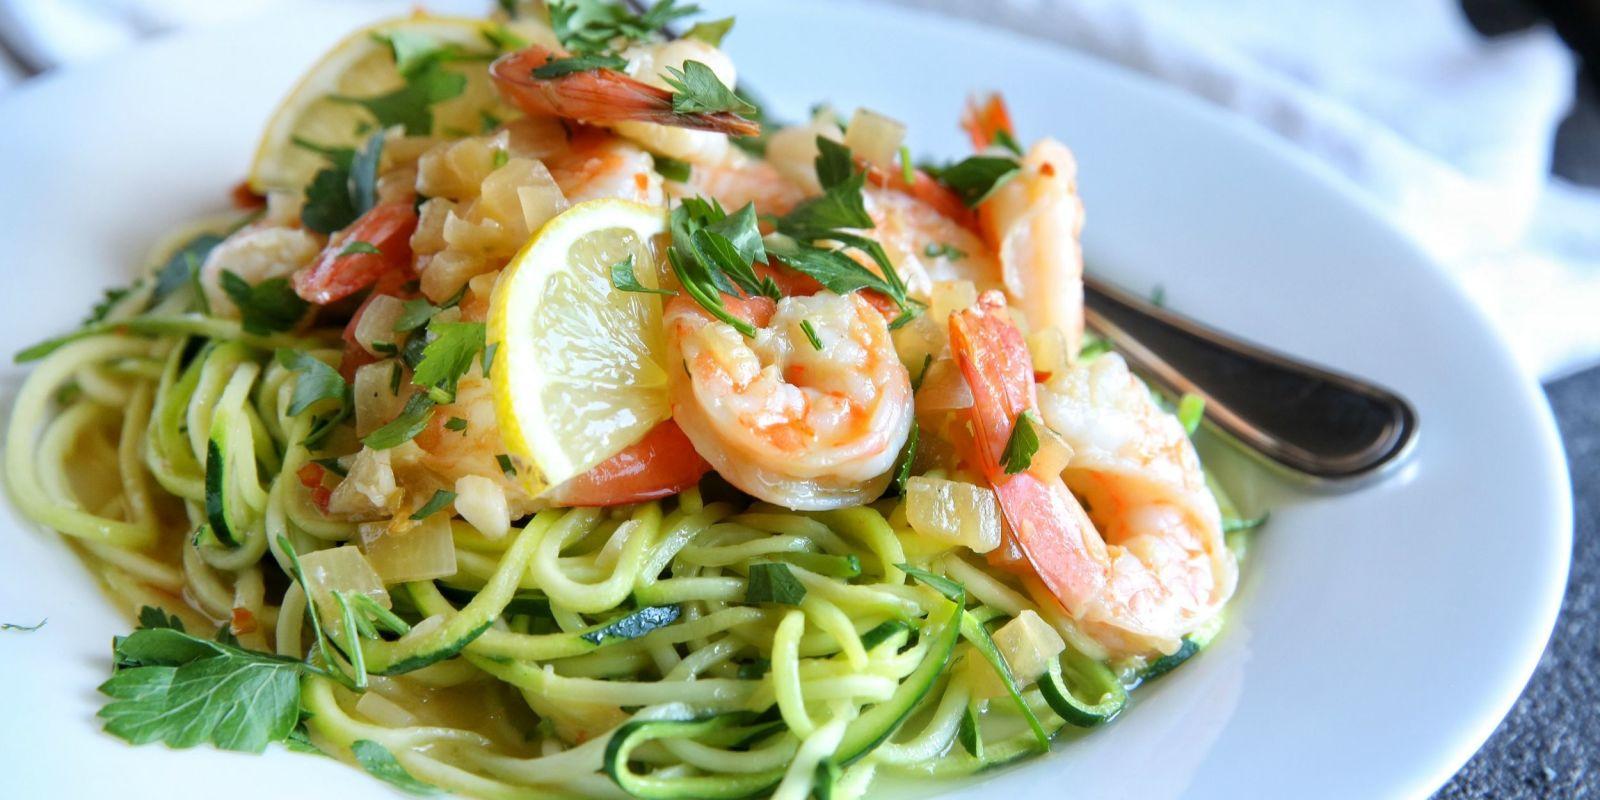 Summer Recipes Dinner  100 Easy Summer Dinner Recipes Best Ideas for Summer